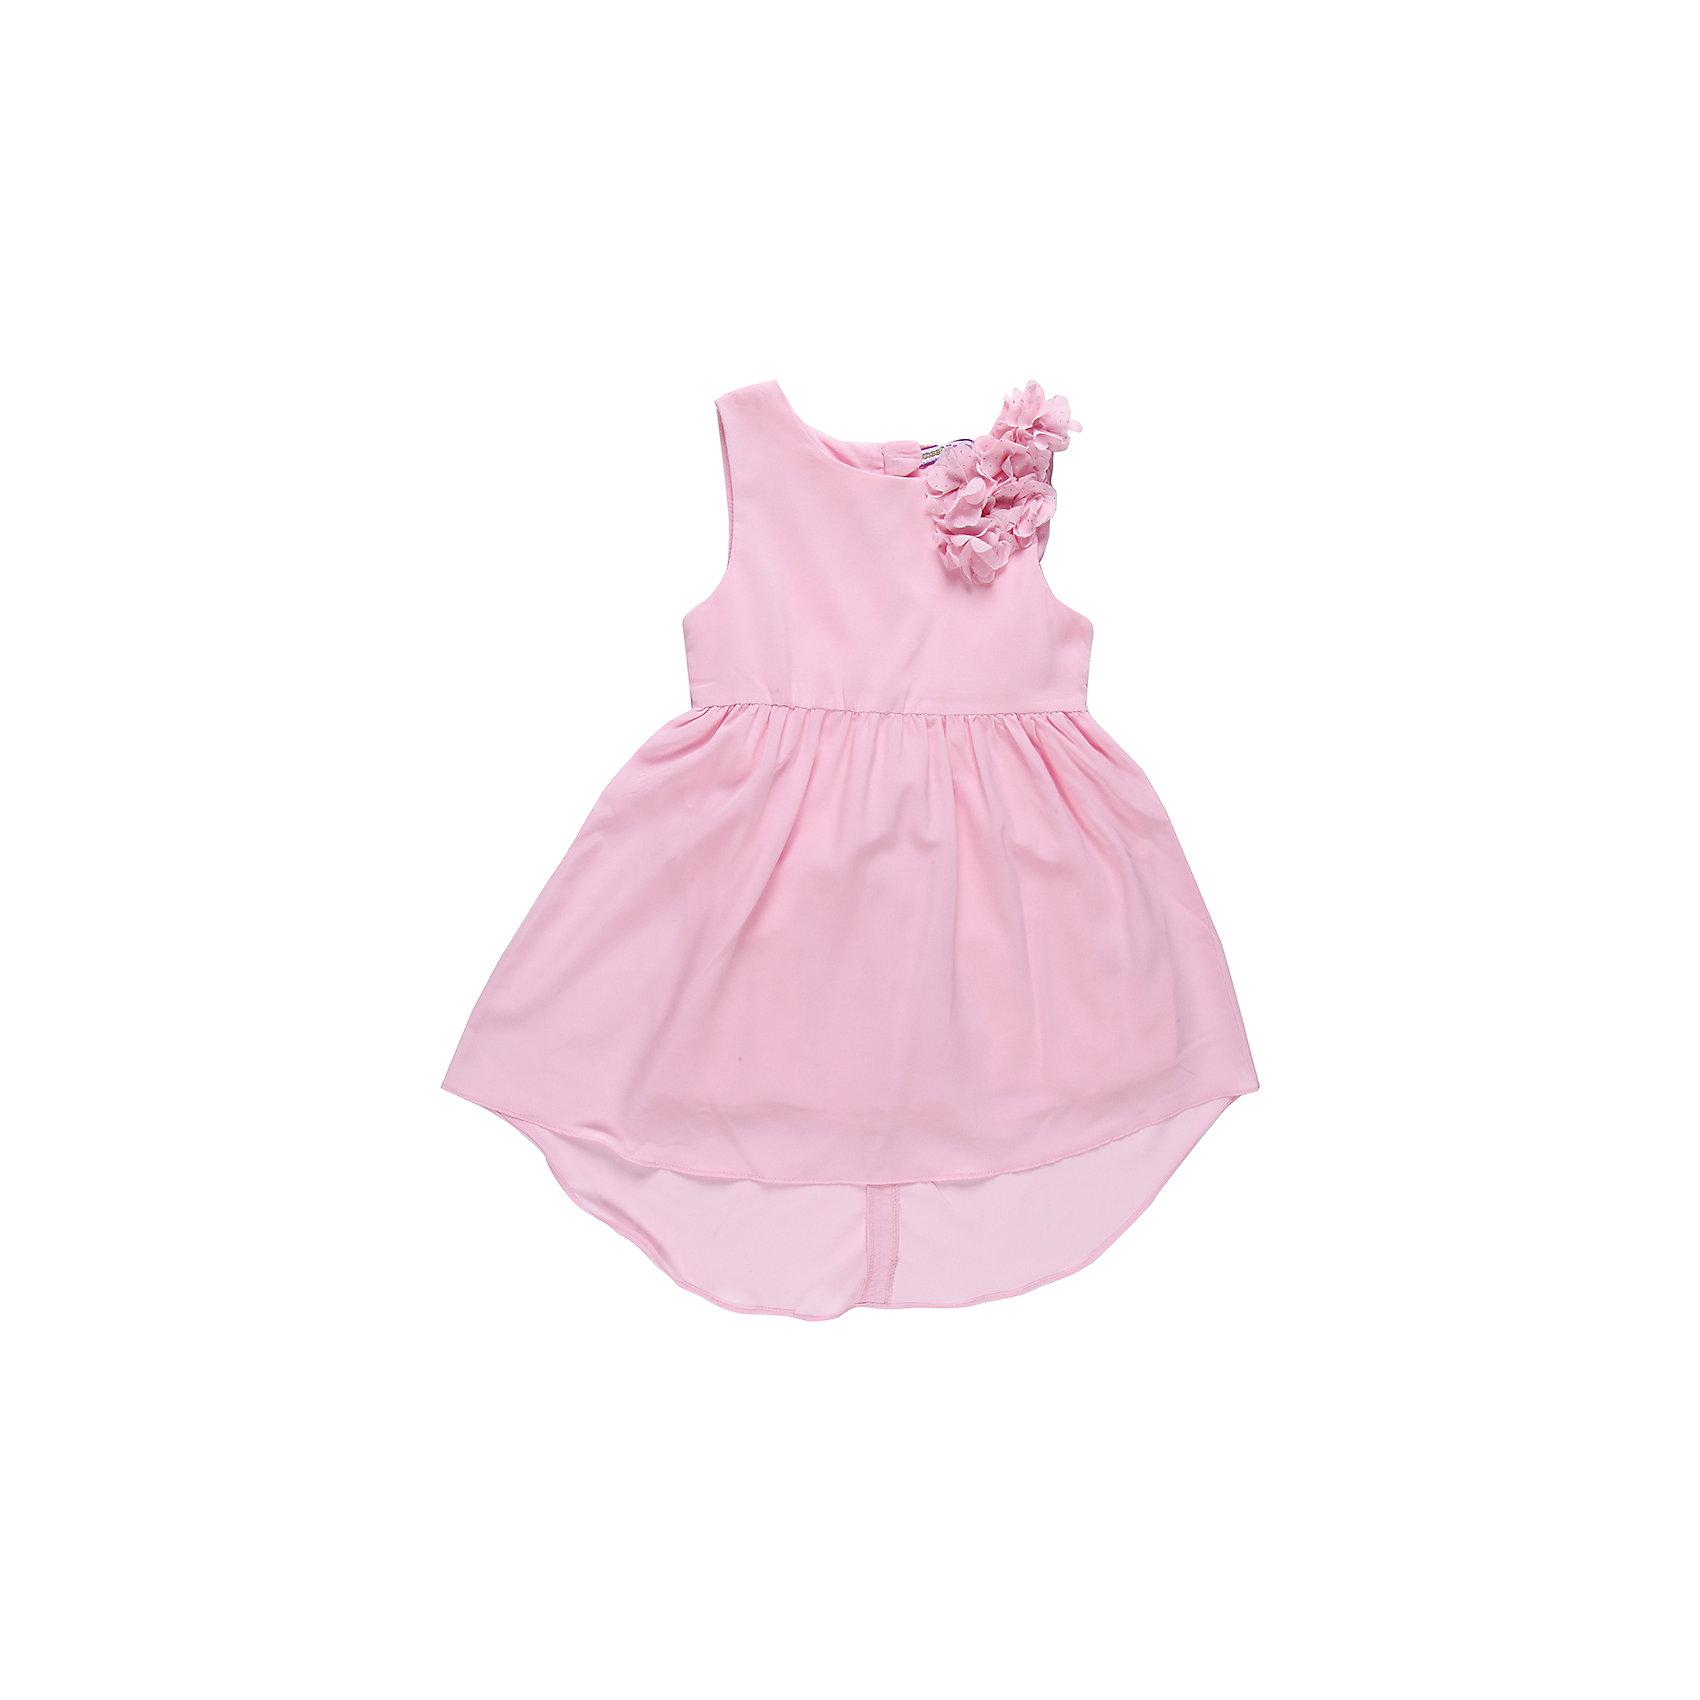 Платье для девочки Sweet BerryНарядное летнее платье на девочку, выполнено из шифона, подкладка хлопок, юбка удлиненная сзади. Украшено шифоновыми цветами.<br>Состав:<br>Верх: 100% полиэстер, Подкладка:  100% хлопок<br><br>Ширина мм: 236<br>Глубина мм: 16<br>Высота мм: 184<br>Вес г: 177<br>Цвет: розовый<br>Возраст от месяцев: 24<br>Возраст до месяцев: 36<br>Пол: Женский<br>Возраст: Детский<br>Размер: 98,116,128,122,110,104<br>SKU: 4521987